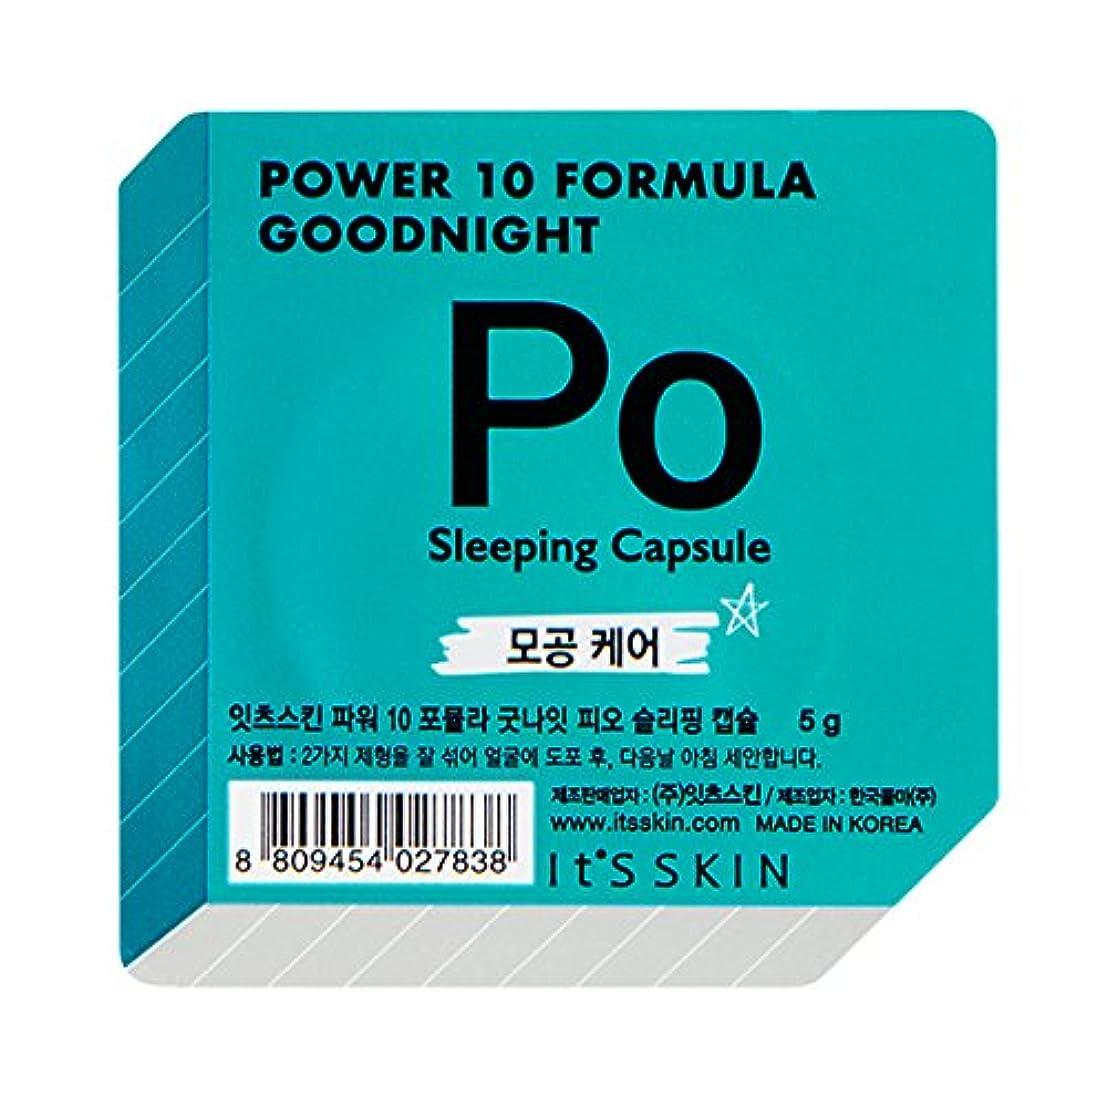 数学的なインターネット部分的イッツスキン パワー10フォーミュラ #PO(毛穴ケア) グッドナイトスリーピングカプセル 5g×2個セット/It's skin Power10 Formula #PO Good Night Sleeping Capsule 5g×2EA